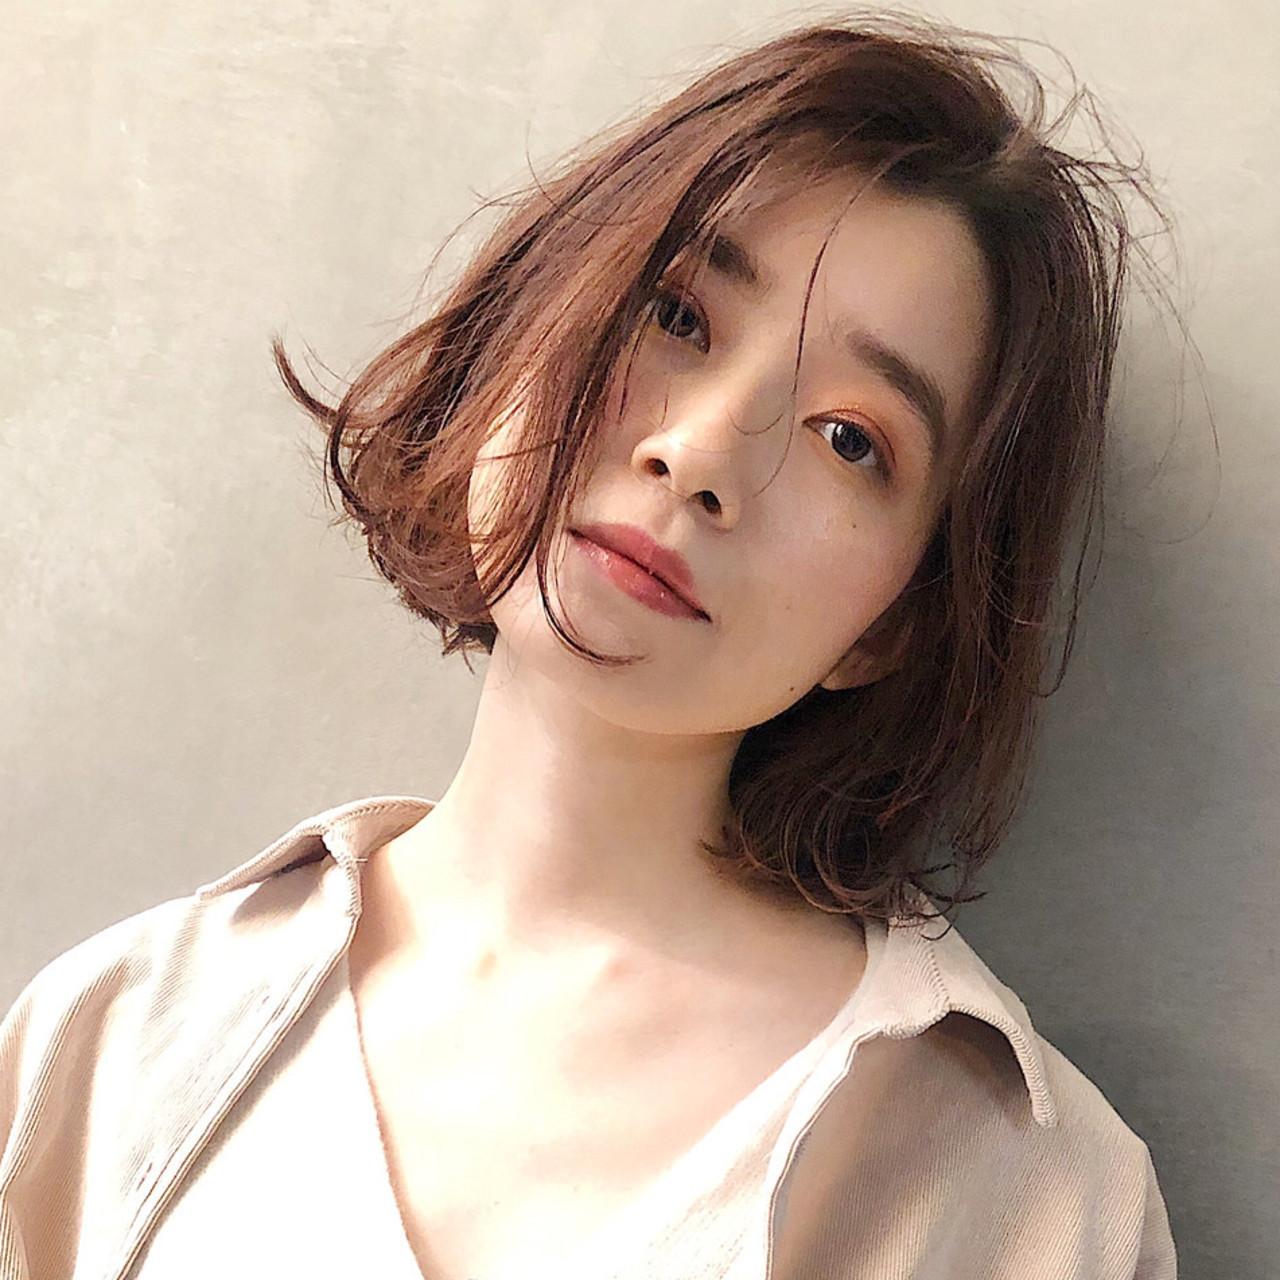 アンニュイほつれヘア デート 透明感カラー モテボブ ヘアスタイルや髪型の写真・画像